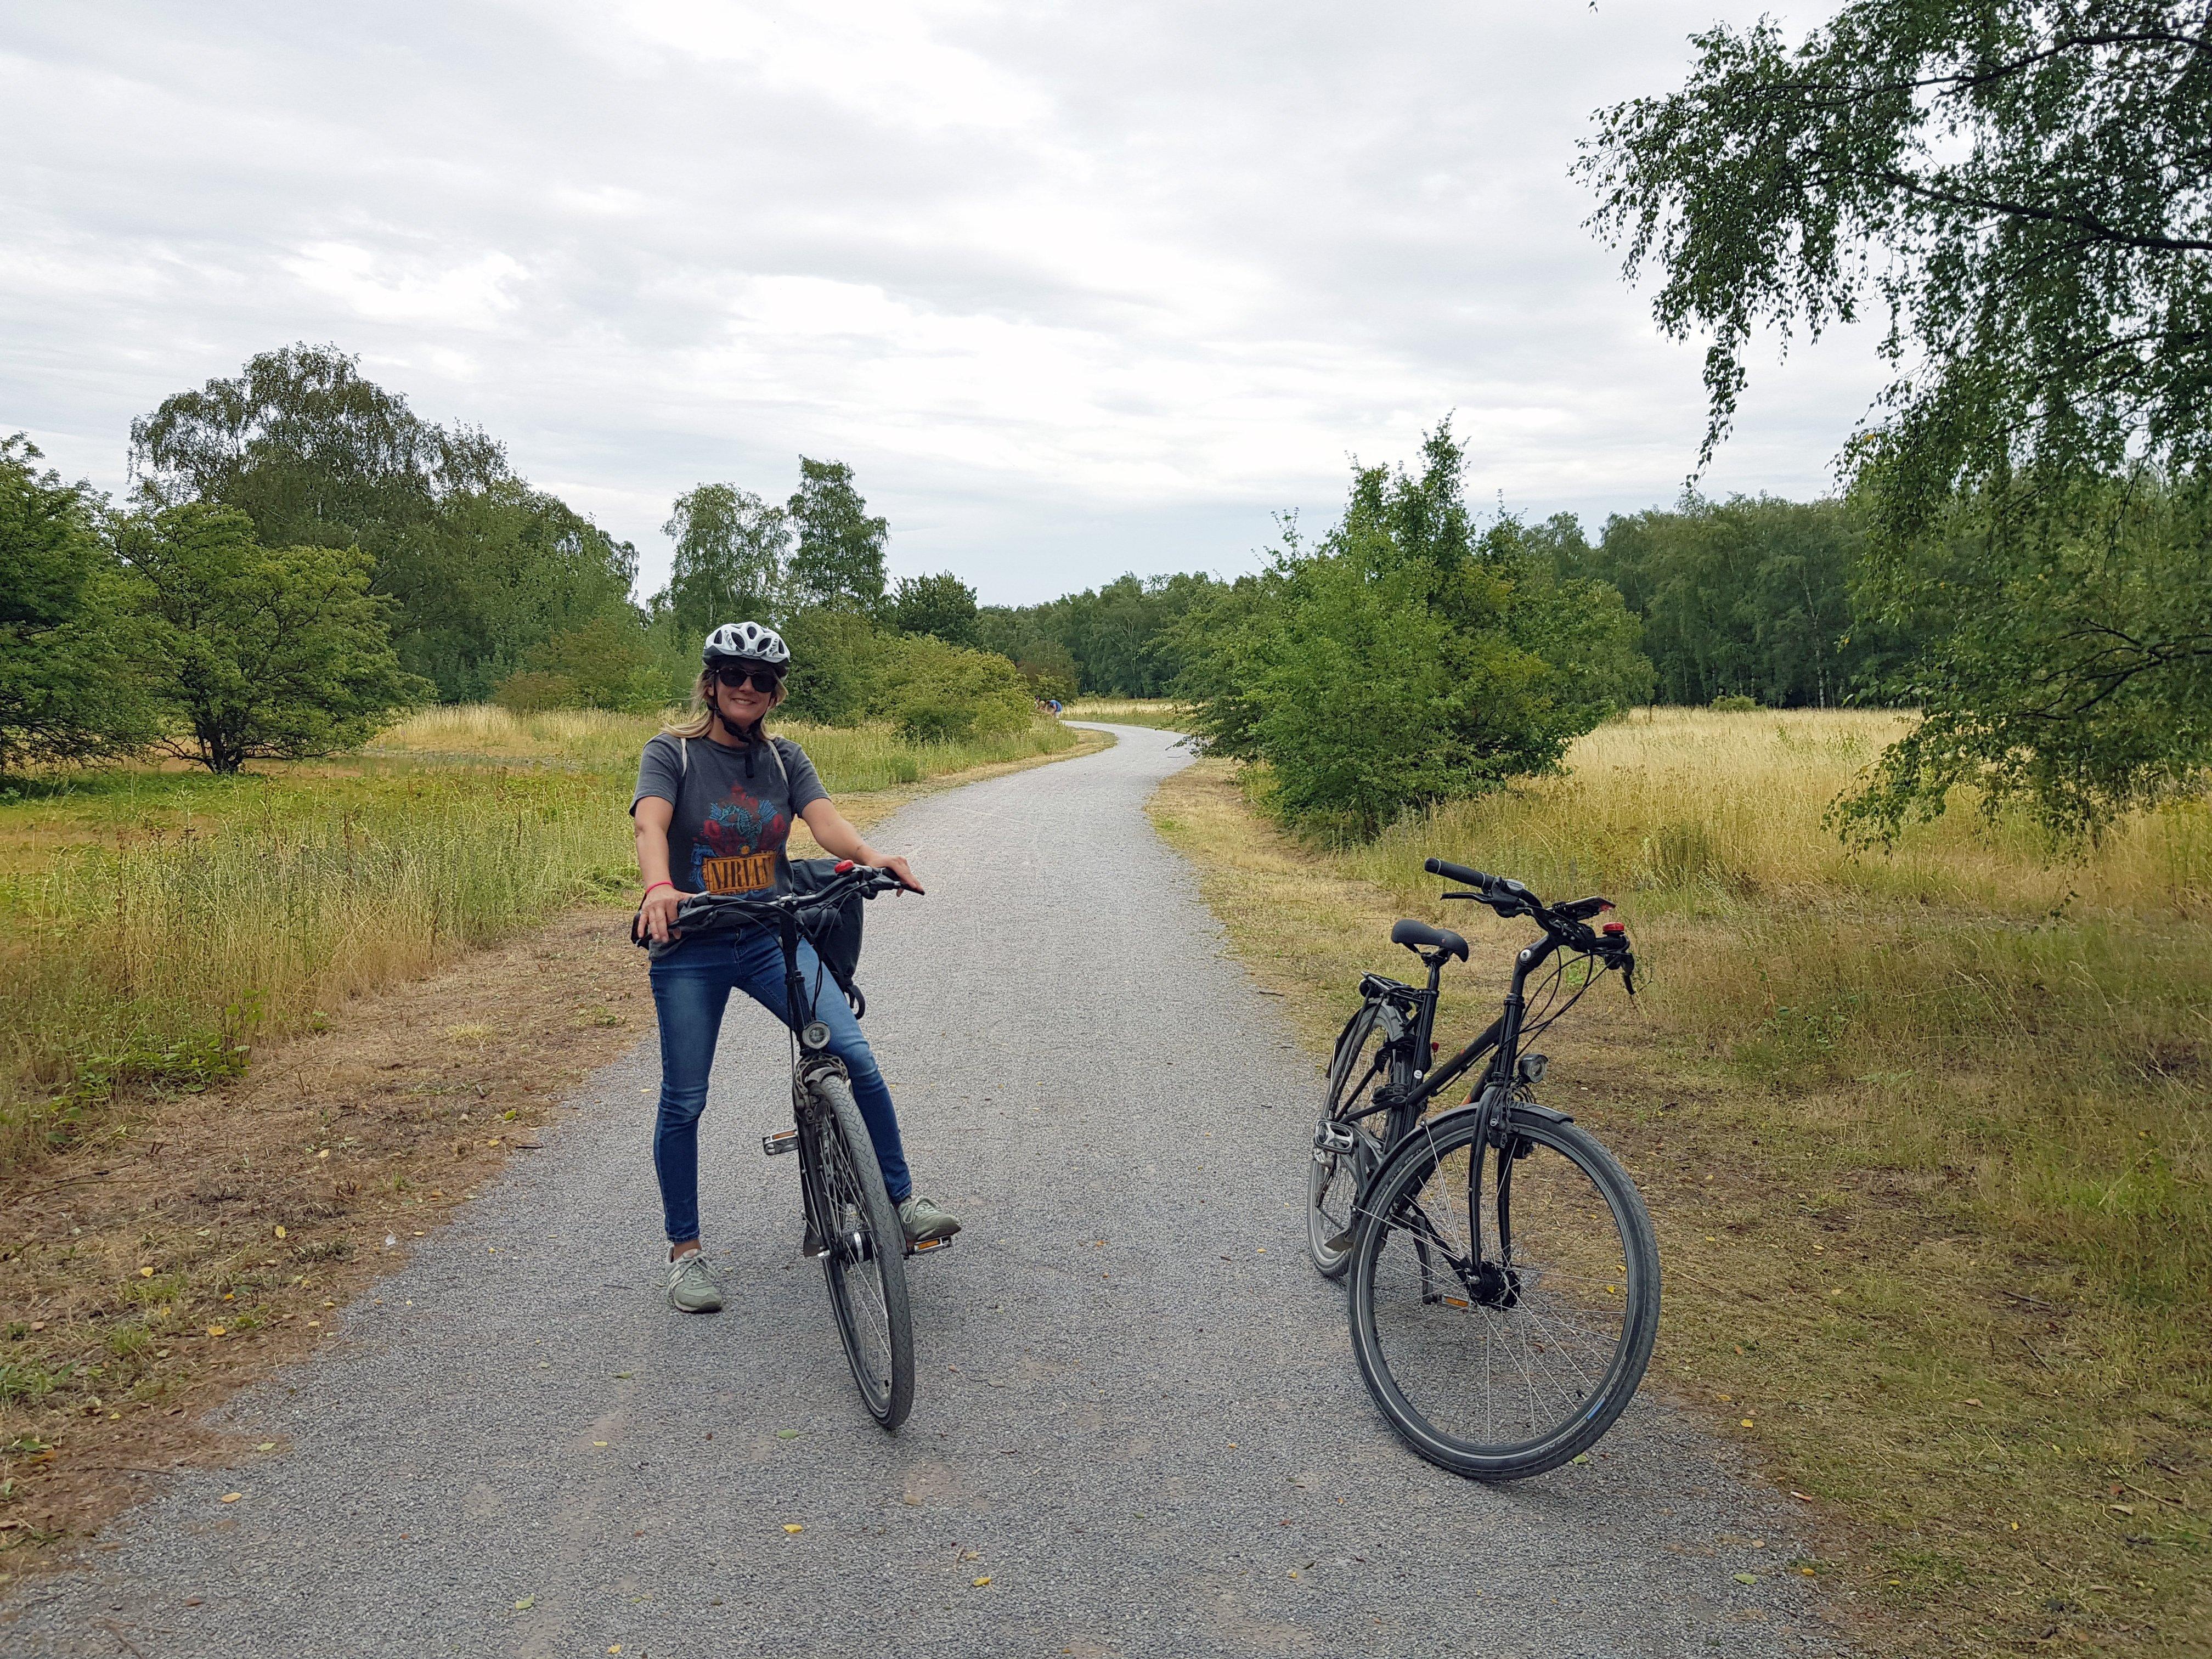 Das Bild zeigt eine Radlerin im Gleispark Frintrop mit Industrienatur